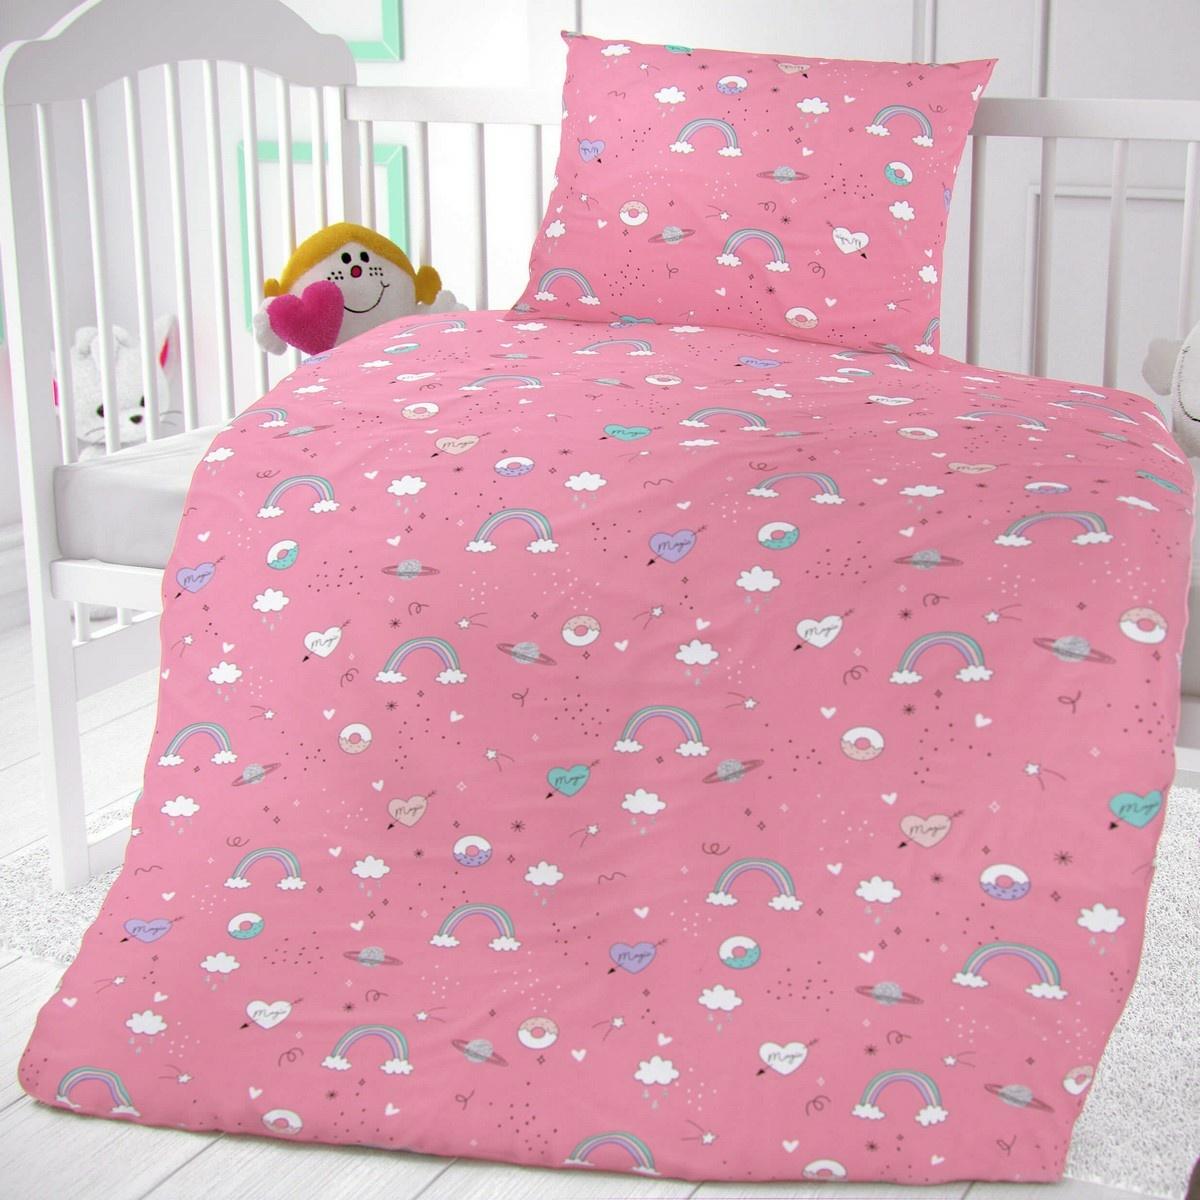 Kvalitex Detské bavlnené obliečky do postieľky Obláčiky ružová, 90 x 135 cm, 45 x 60 cm